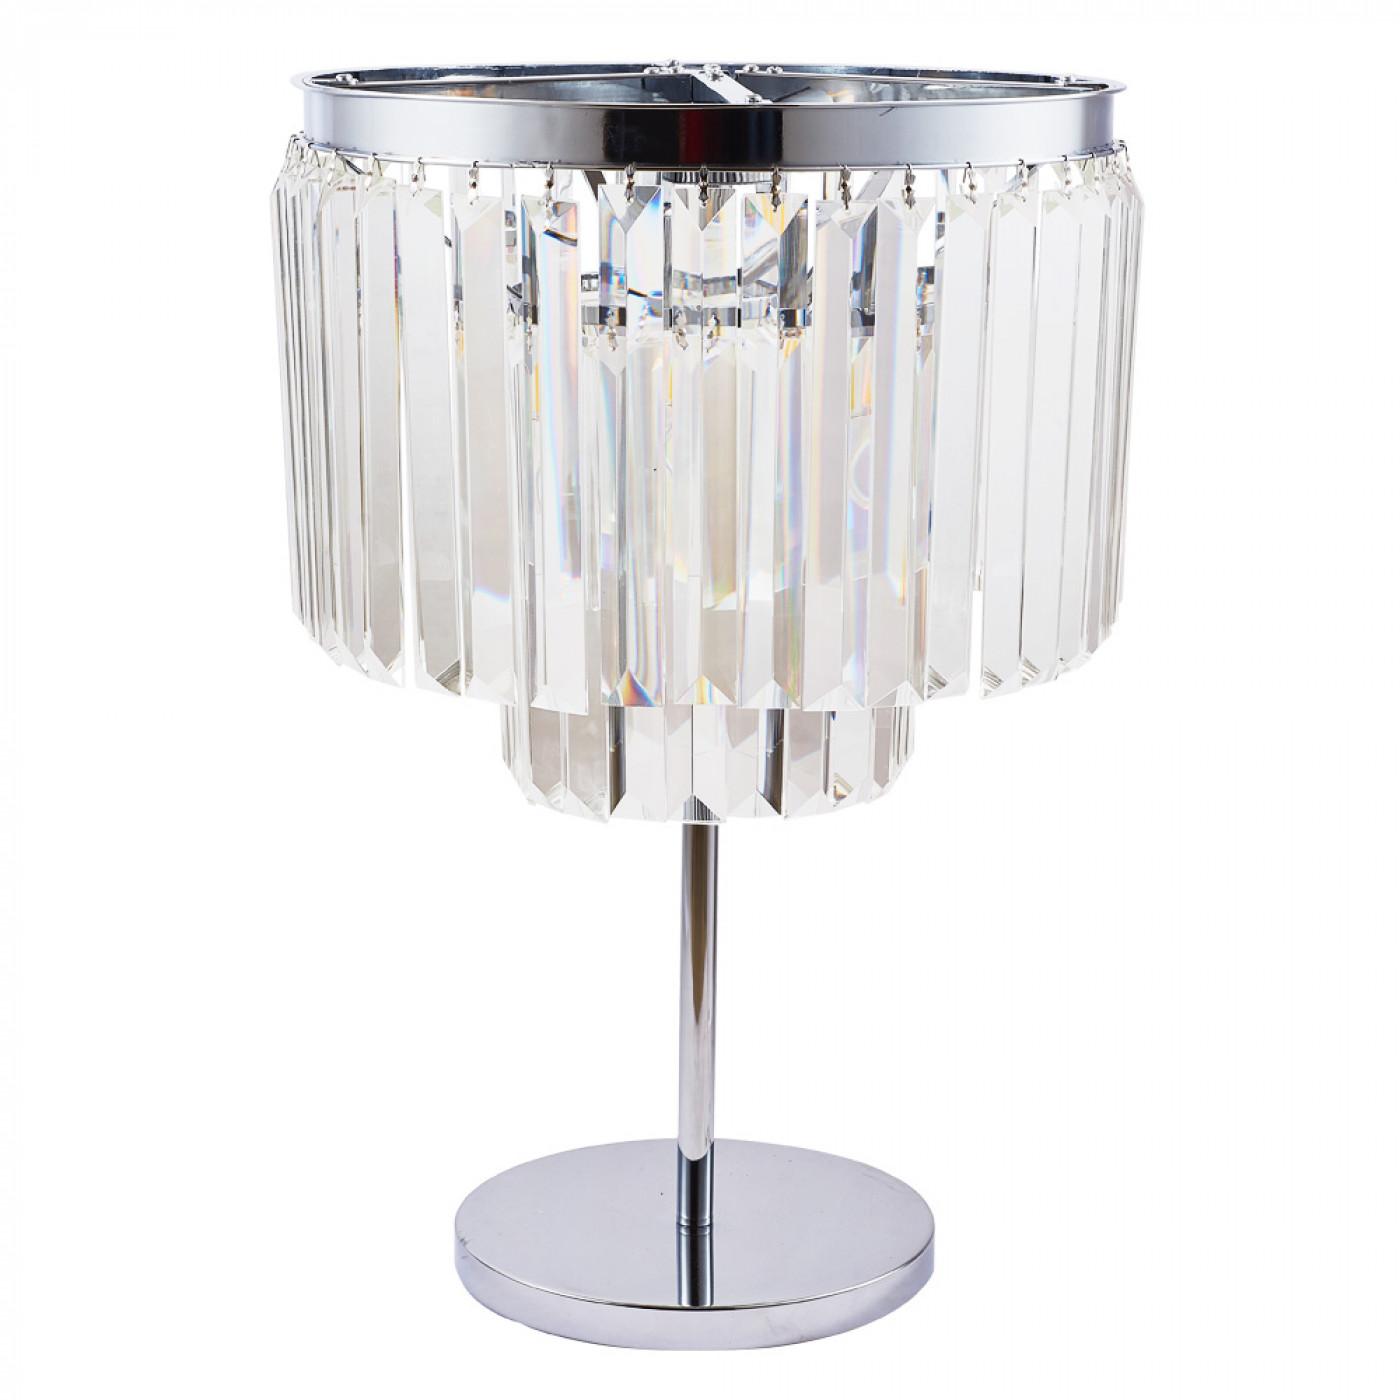 Настольная лампа Divinare Nova Chrome 3001/02 TL-4